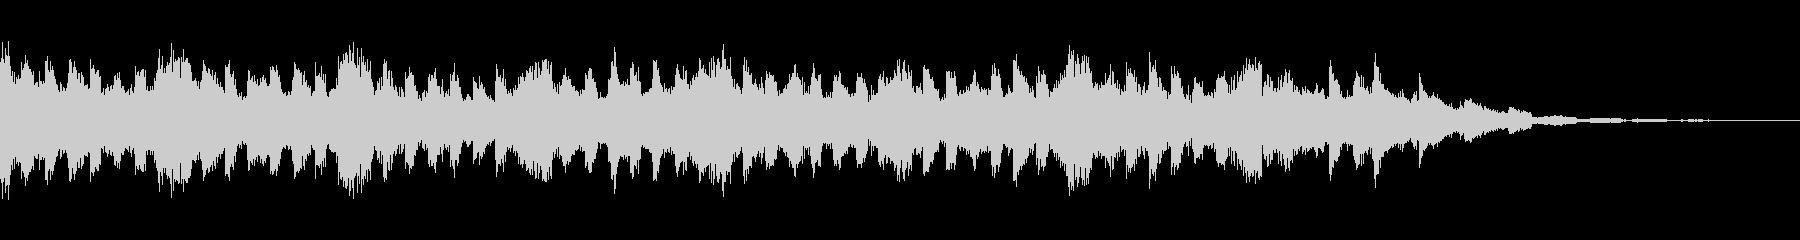 キラキラきれいなピアノコーポレートcの未再生の波形